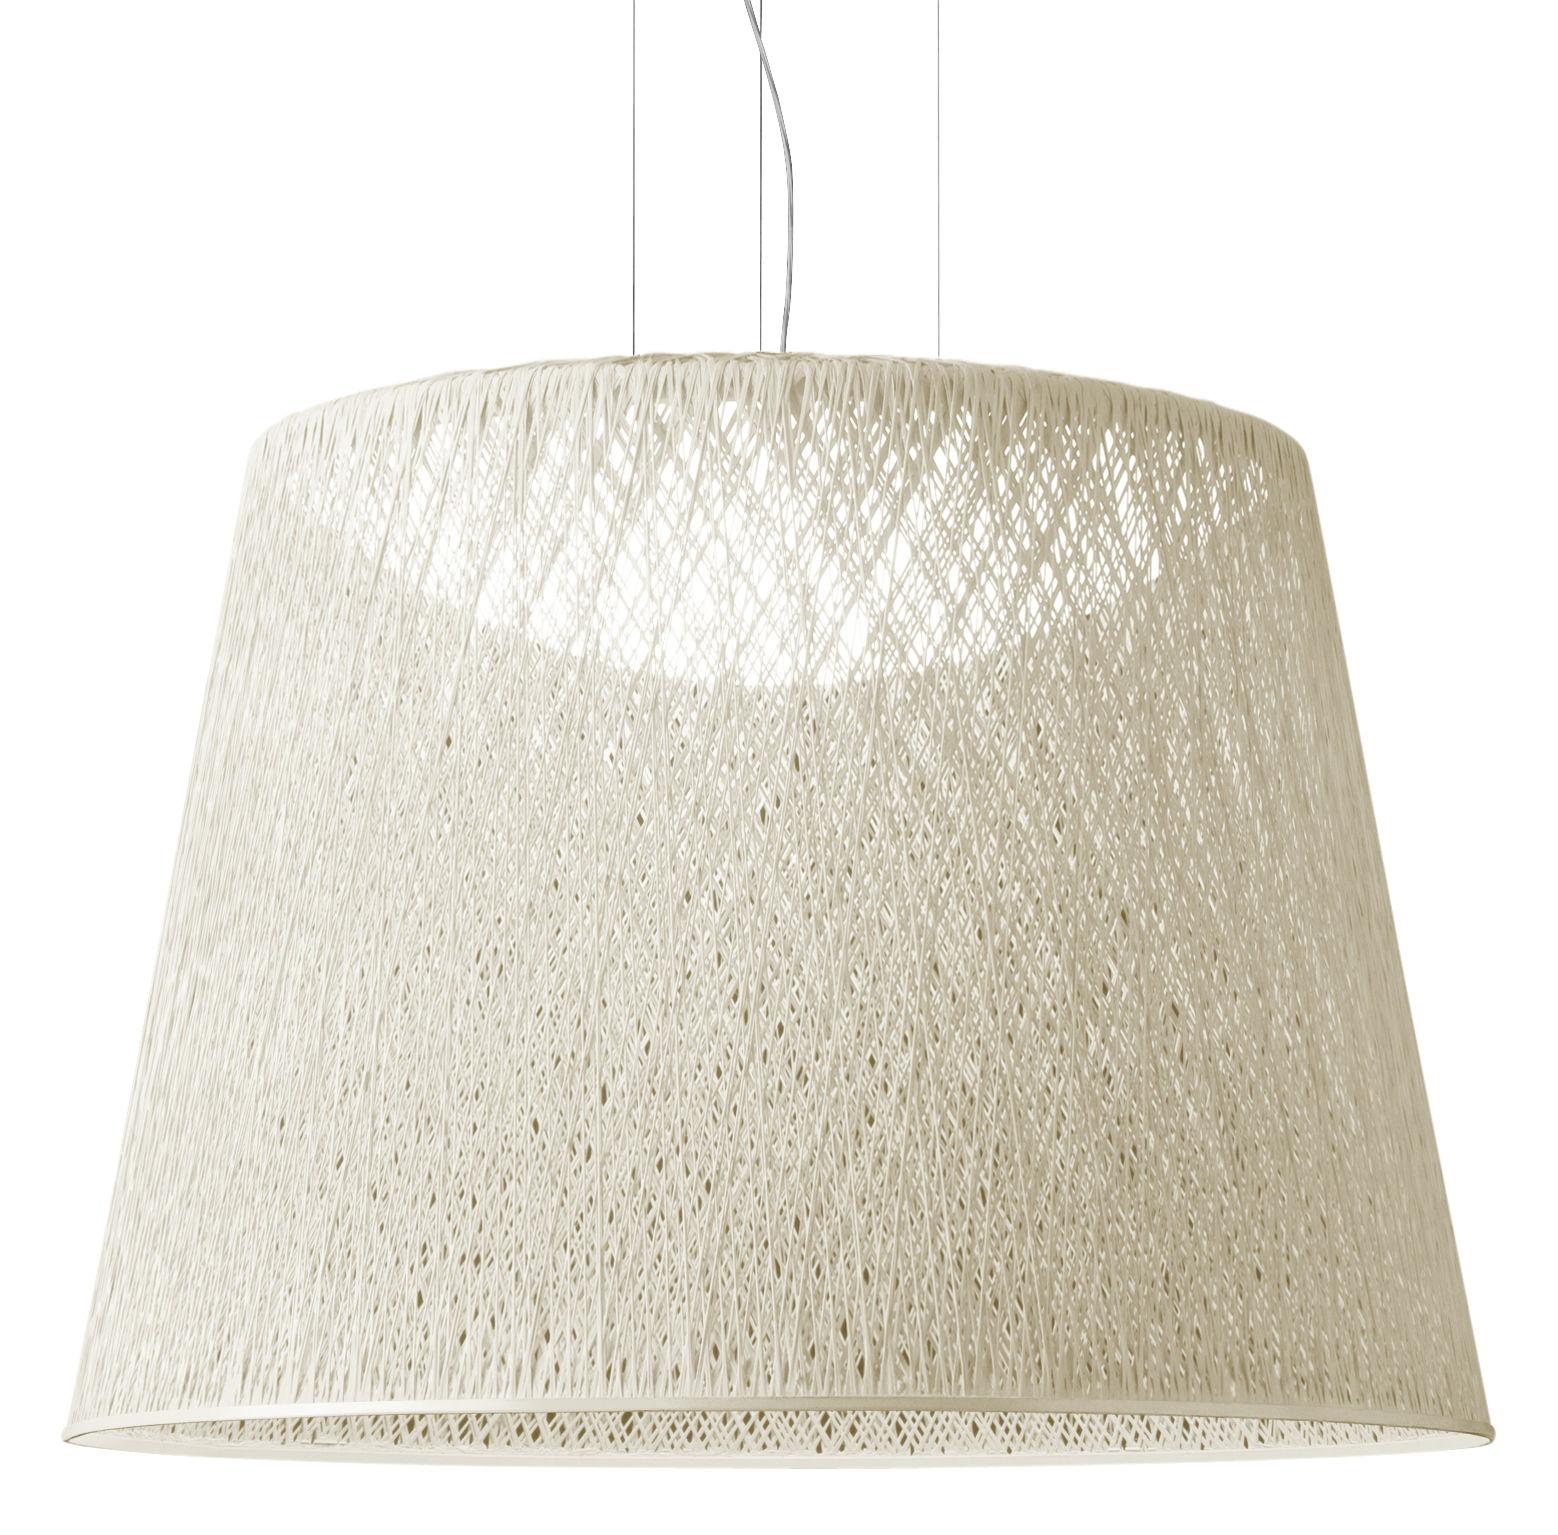 Luminaire - Suspensions - Suspension Wind / Ø 60 x H 48 cm - Vibia - Blanc - Fibre de verre, Méthacrylate